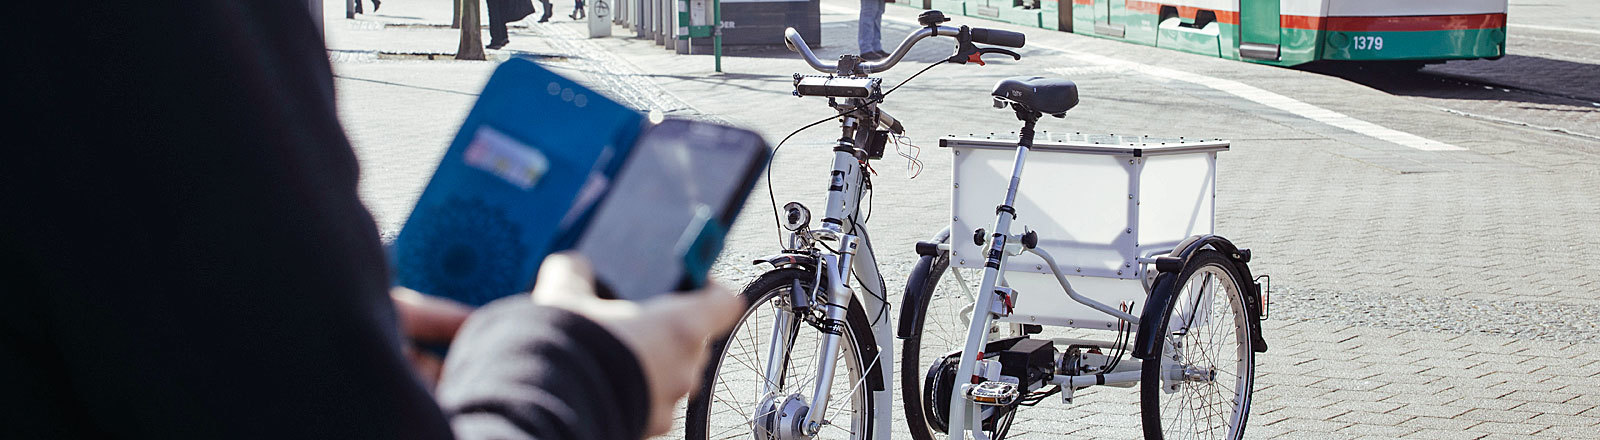 autonomes Fahrrad, das Forscher der Uni Magdeburg entwickelt haben